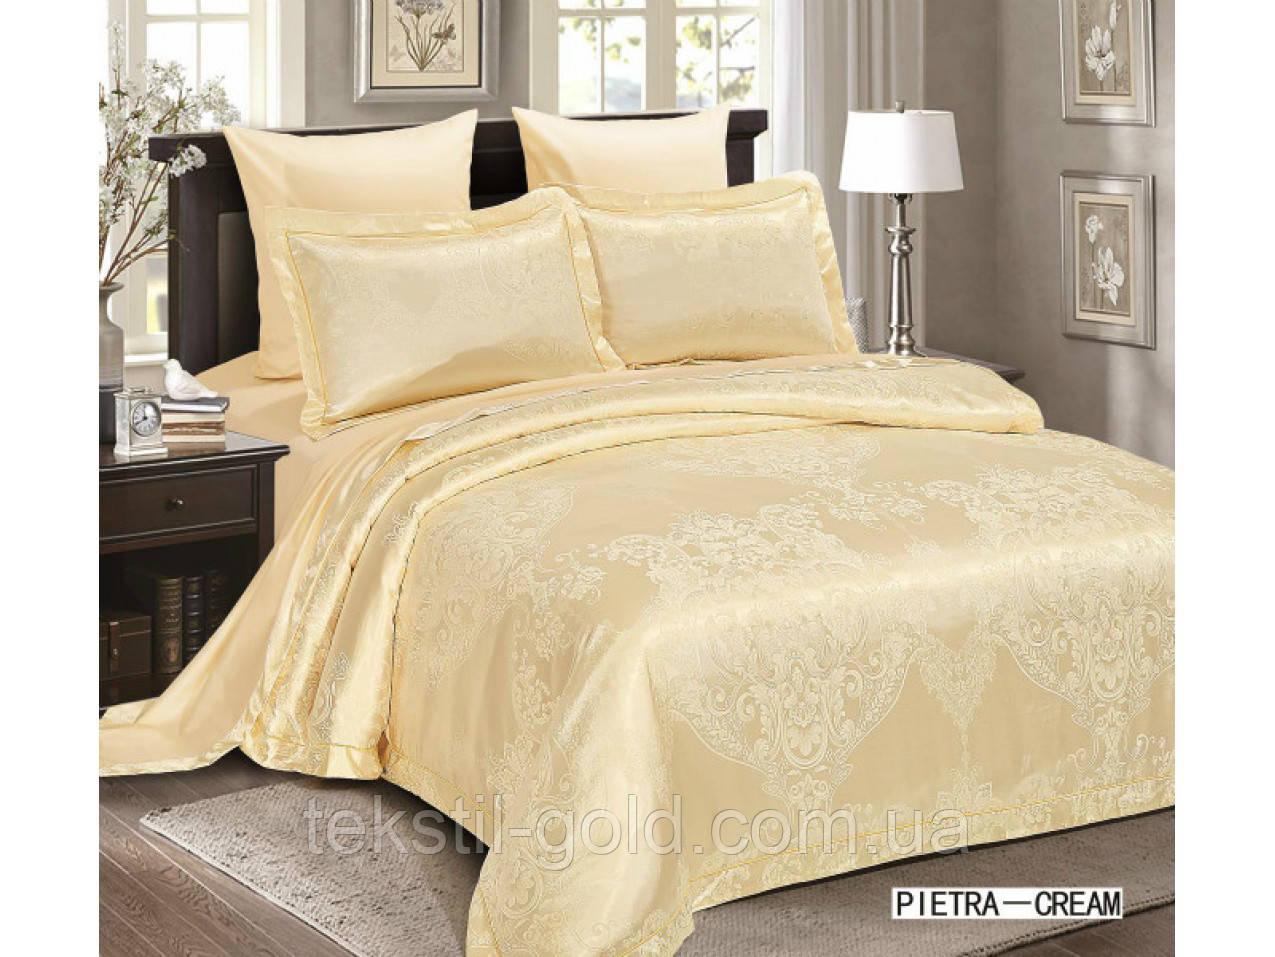 Комплект постельного белья 6 Предметов ТМ ARYA (Турция) Жаккард 2 Сп. евро 200Х220 Pietra